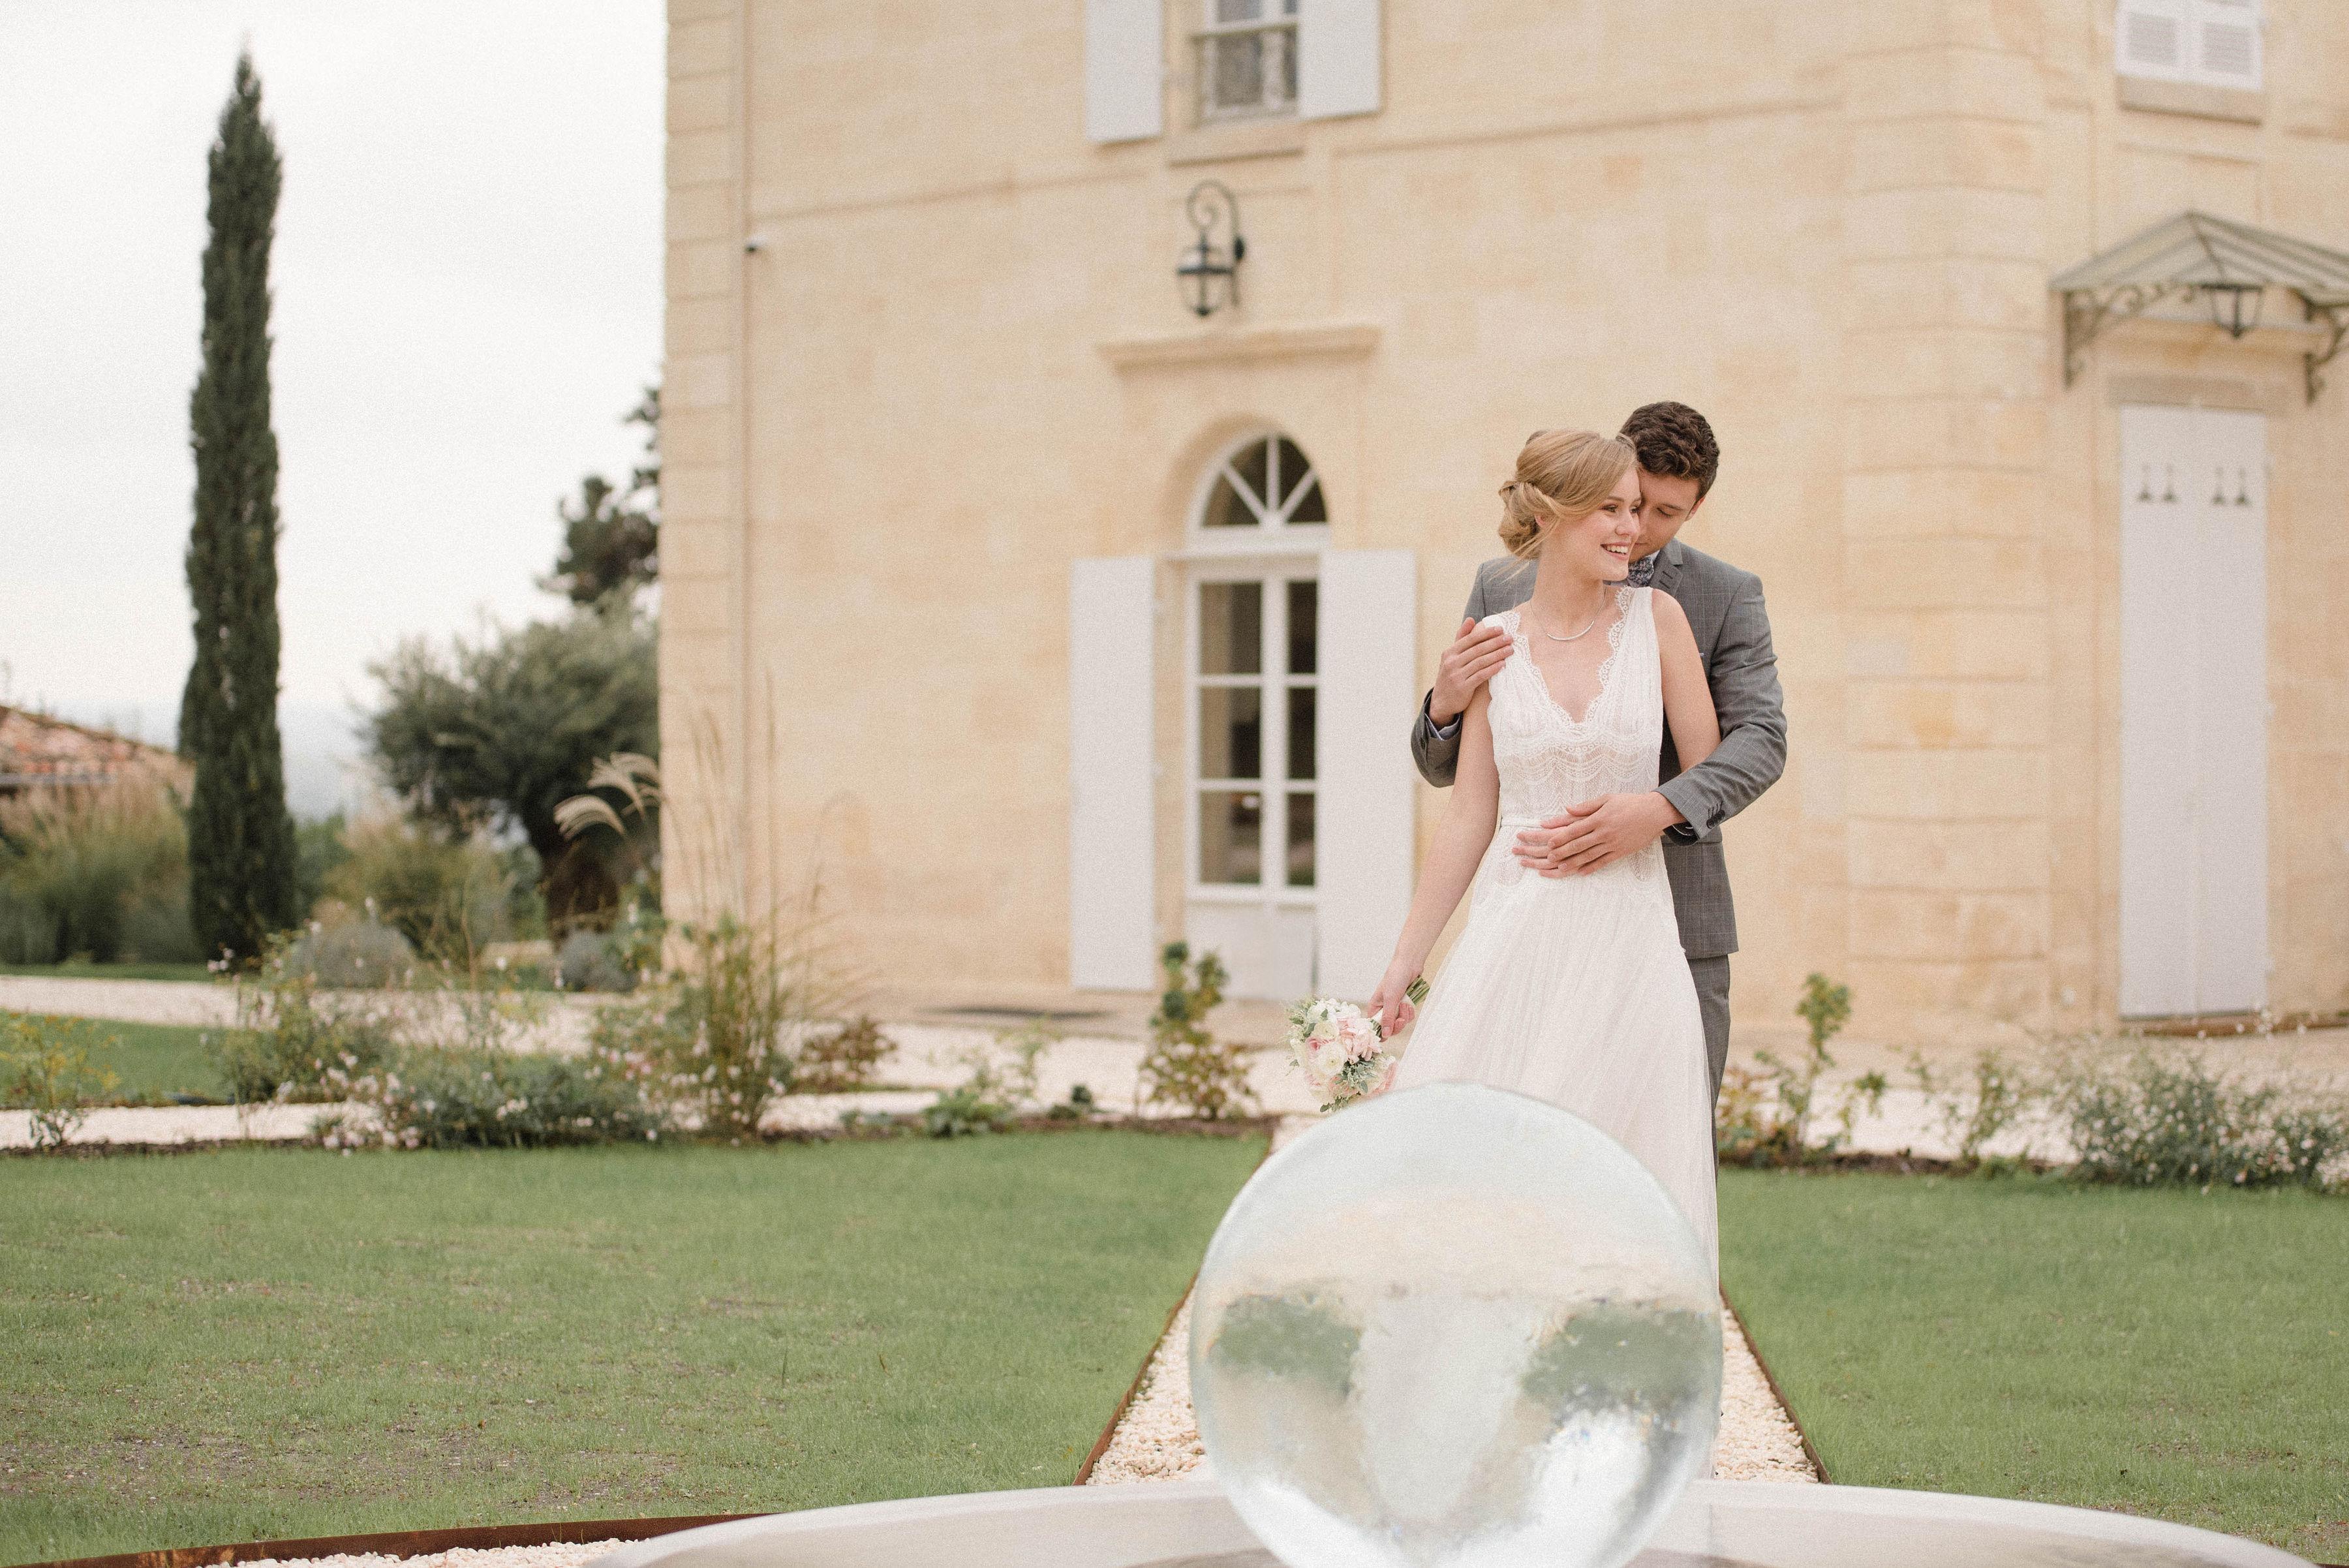 Mariage château Gassies - Véronique Chesnel